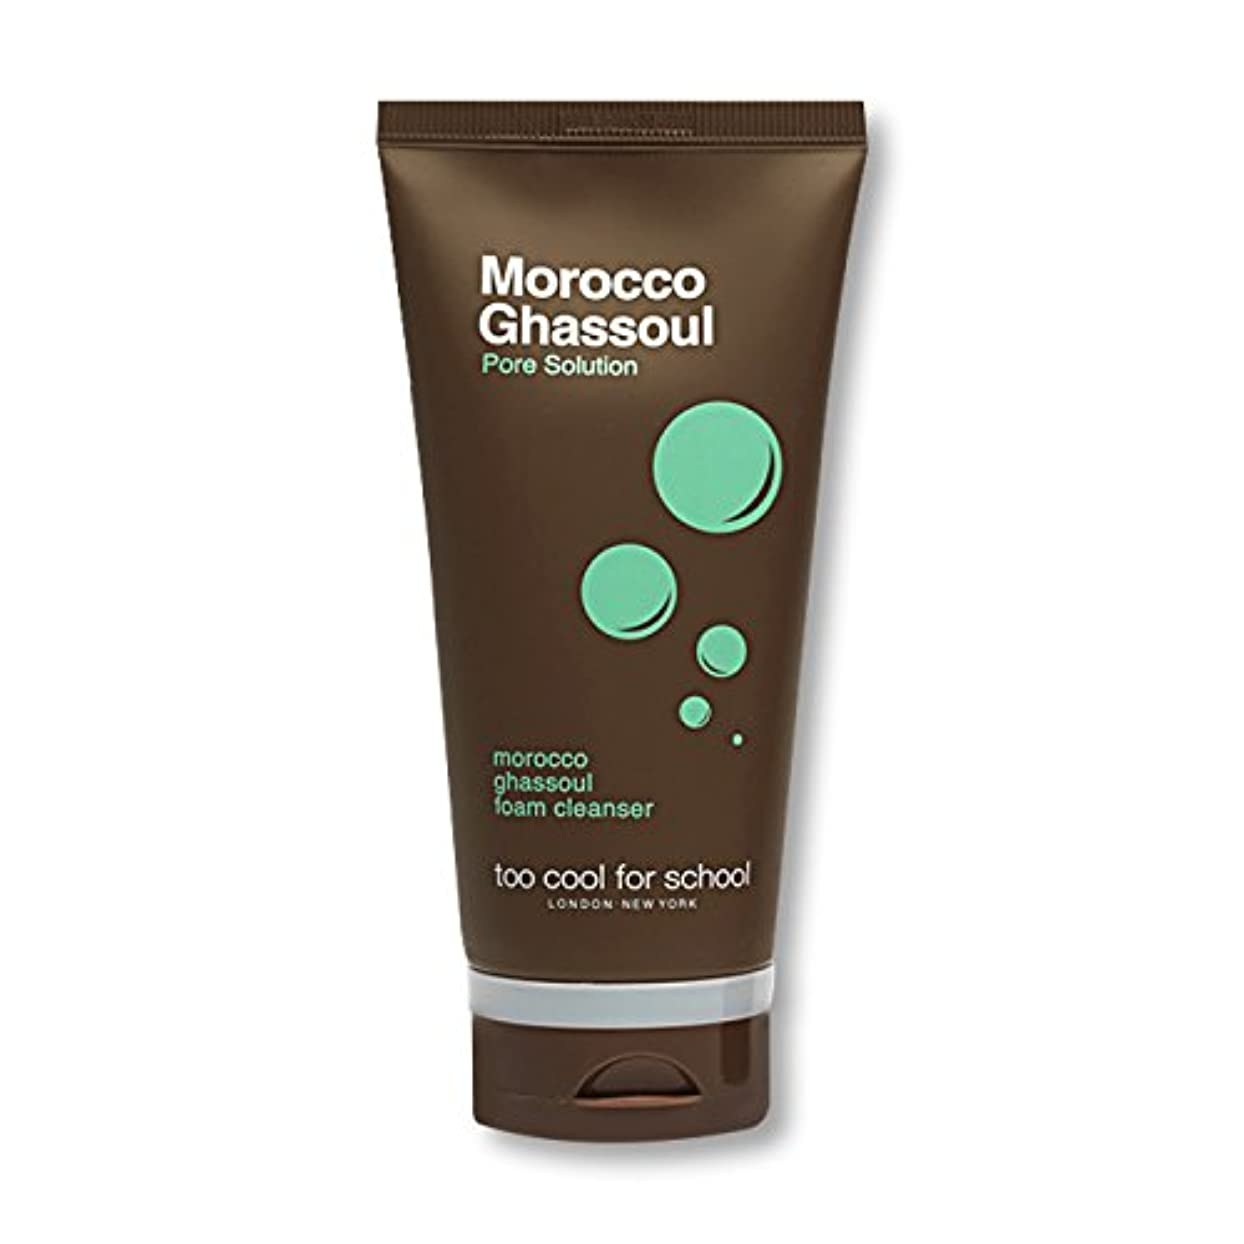 海外で余計な単にtoo cool for school(トゥークールフォースクール)モロッコ ガスール フォーム クレンザー(MOROCCO GHASSOUL FOAM CLEANSER)150g